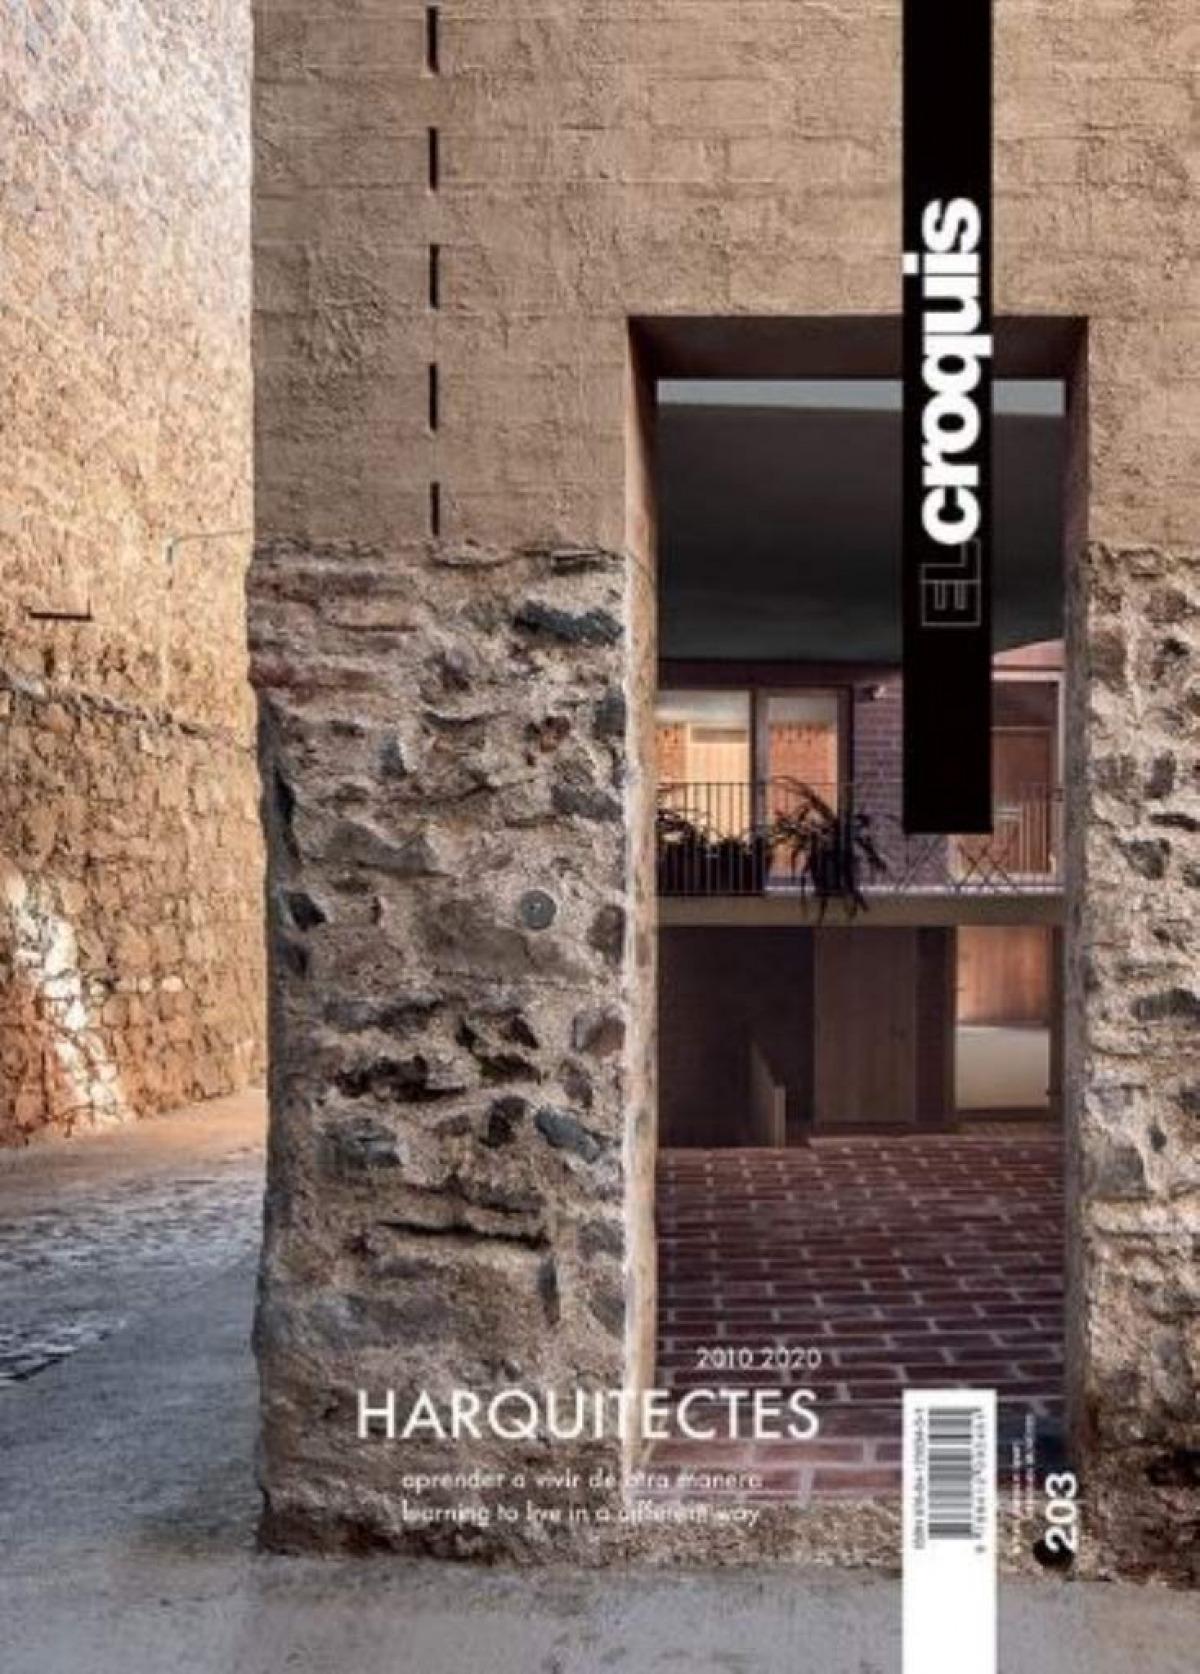 HARQUITECTES, 2011 / 2020